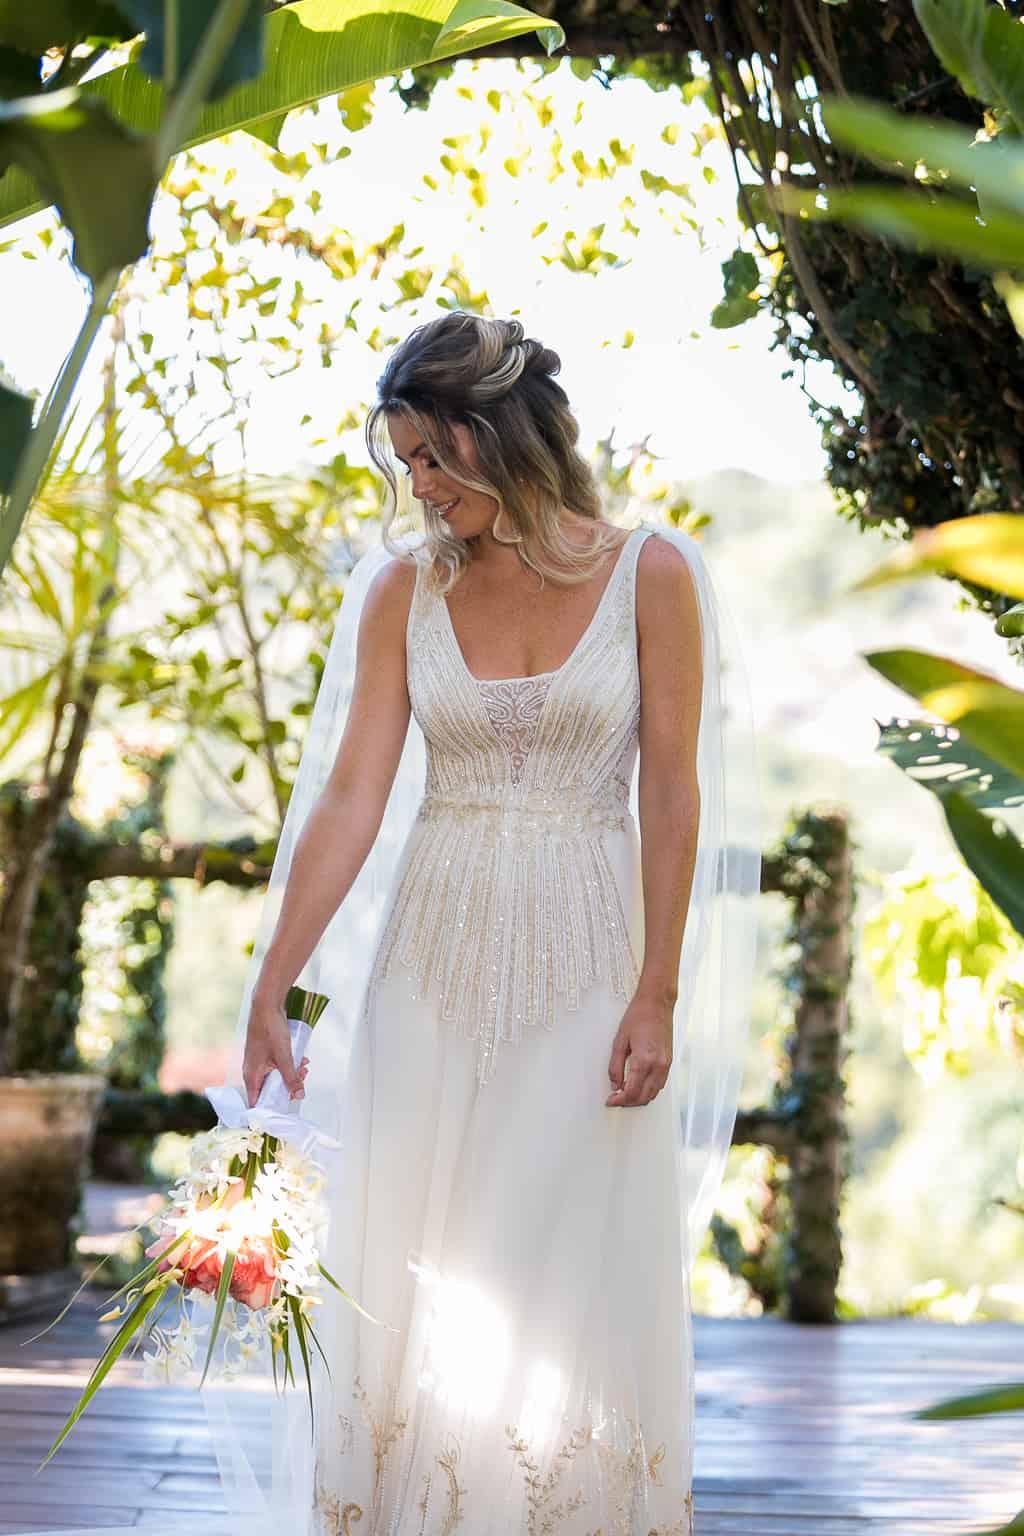 Casamento-Victoria-e-Christian-Fotografia-Tiago-Saldanha159_MG_0557